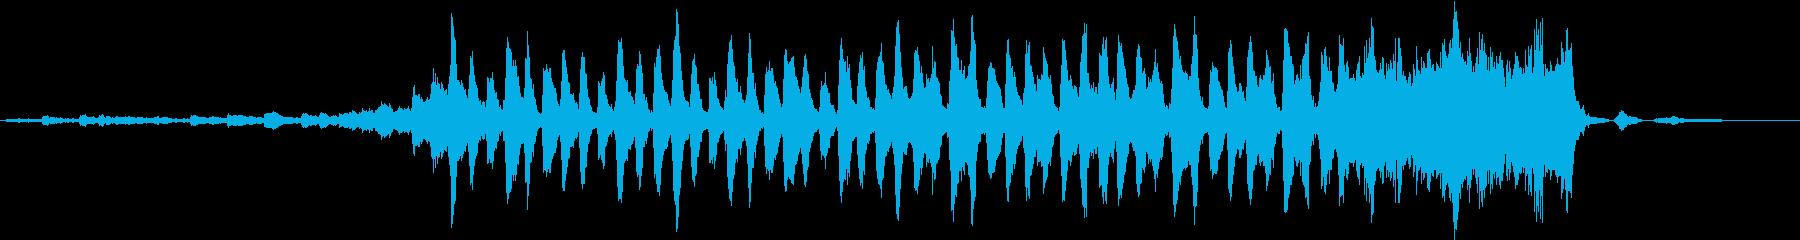 天然水のCMで使われていそうな爽やかな曲の再生済みの波形